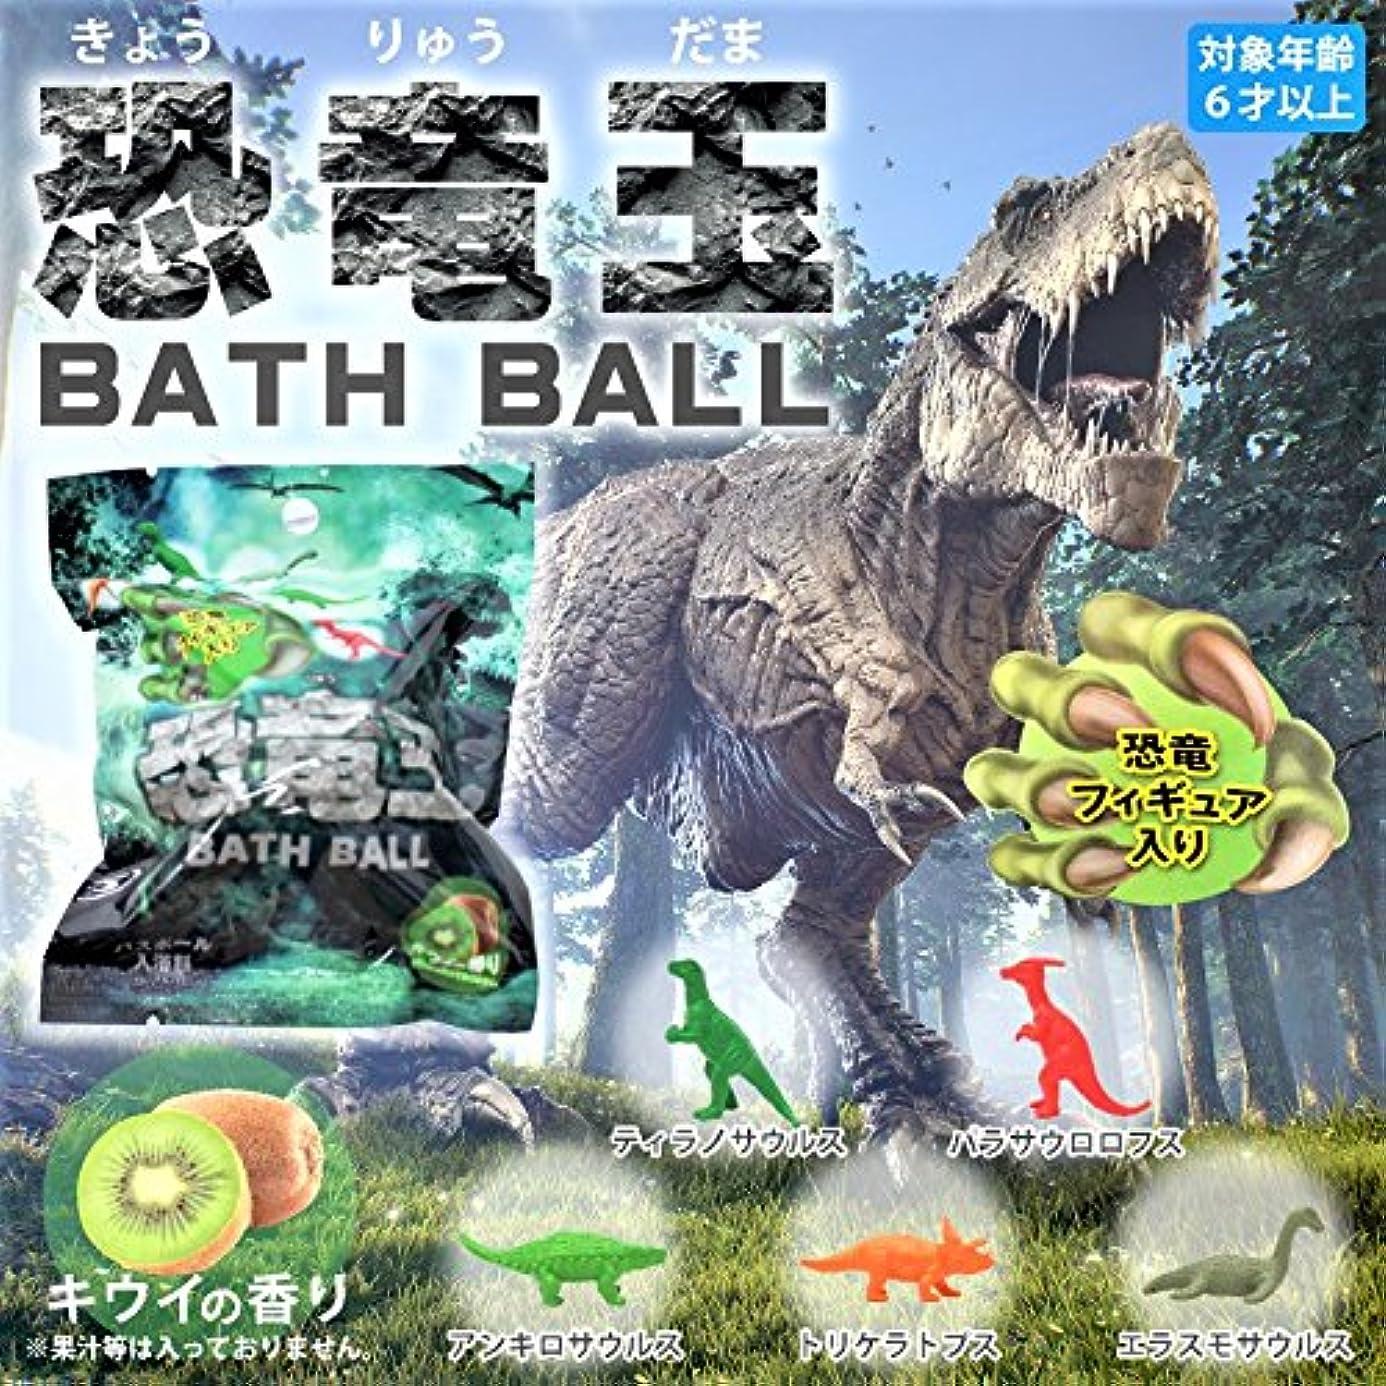 注文分期限恐竜玉バスボール 6個1セット キウイの香り 恐竜フィギュア入りバスボール 入浴剤